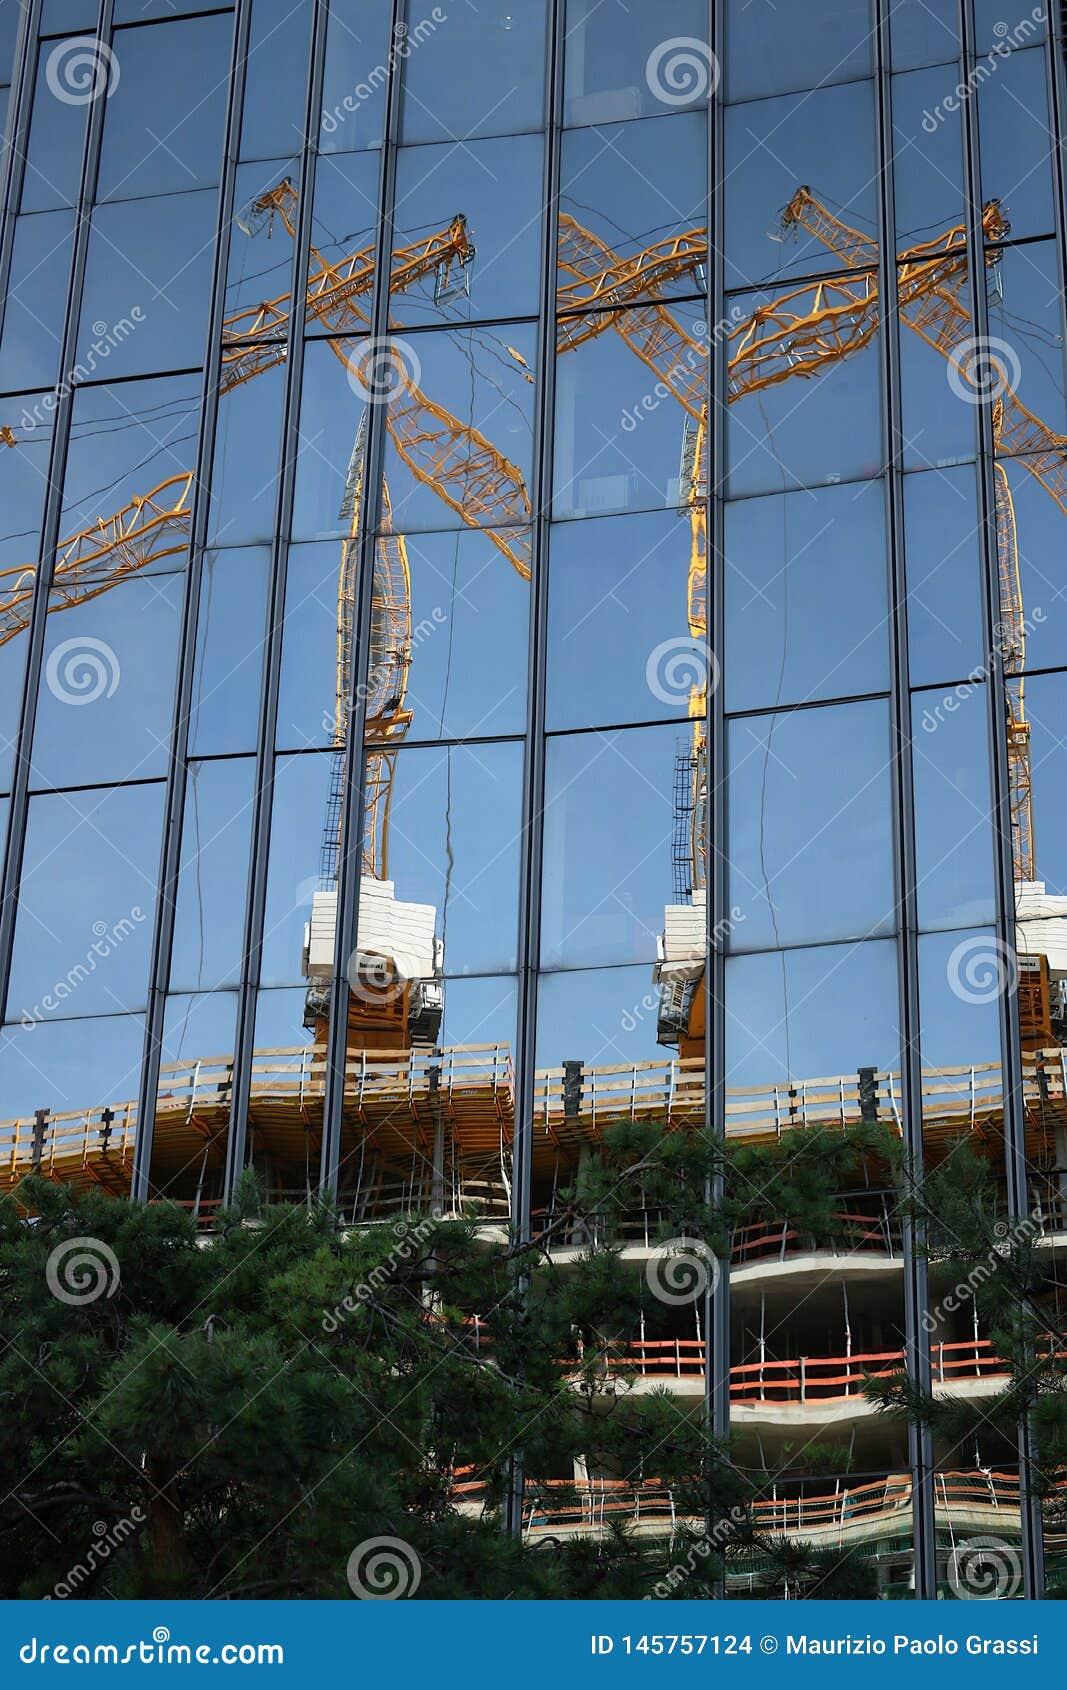 Berlim 06/14/2008 Fachada de vidro de uma constru??o com reflex?o de um canteiro de obras Guindastes e andaime